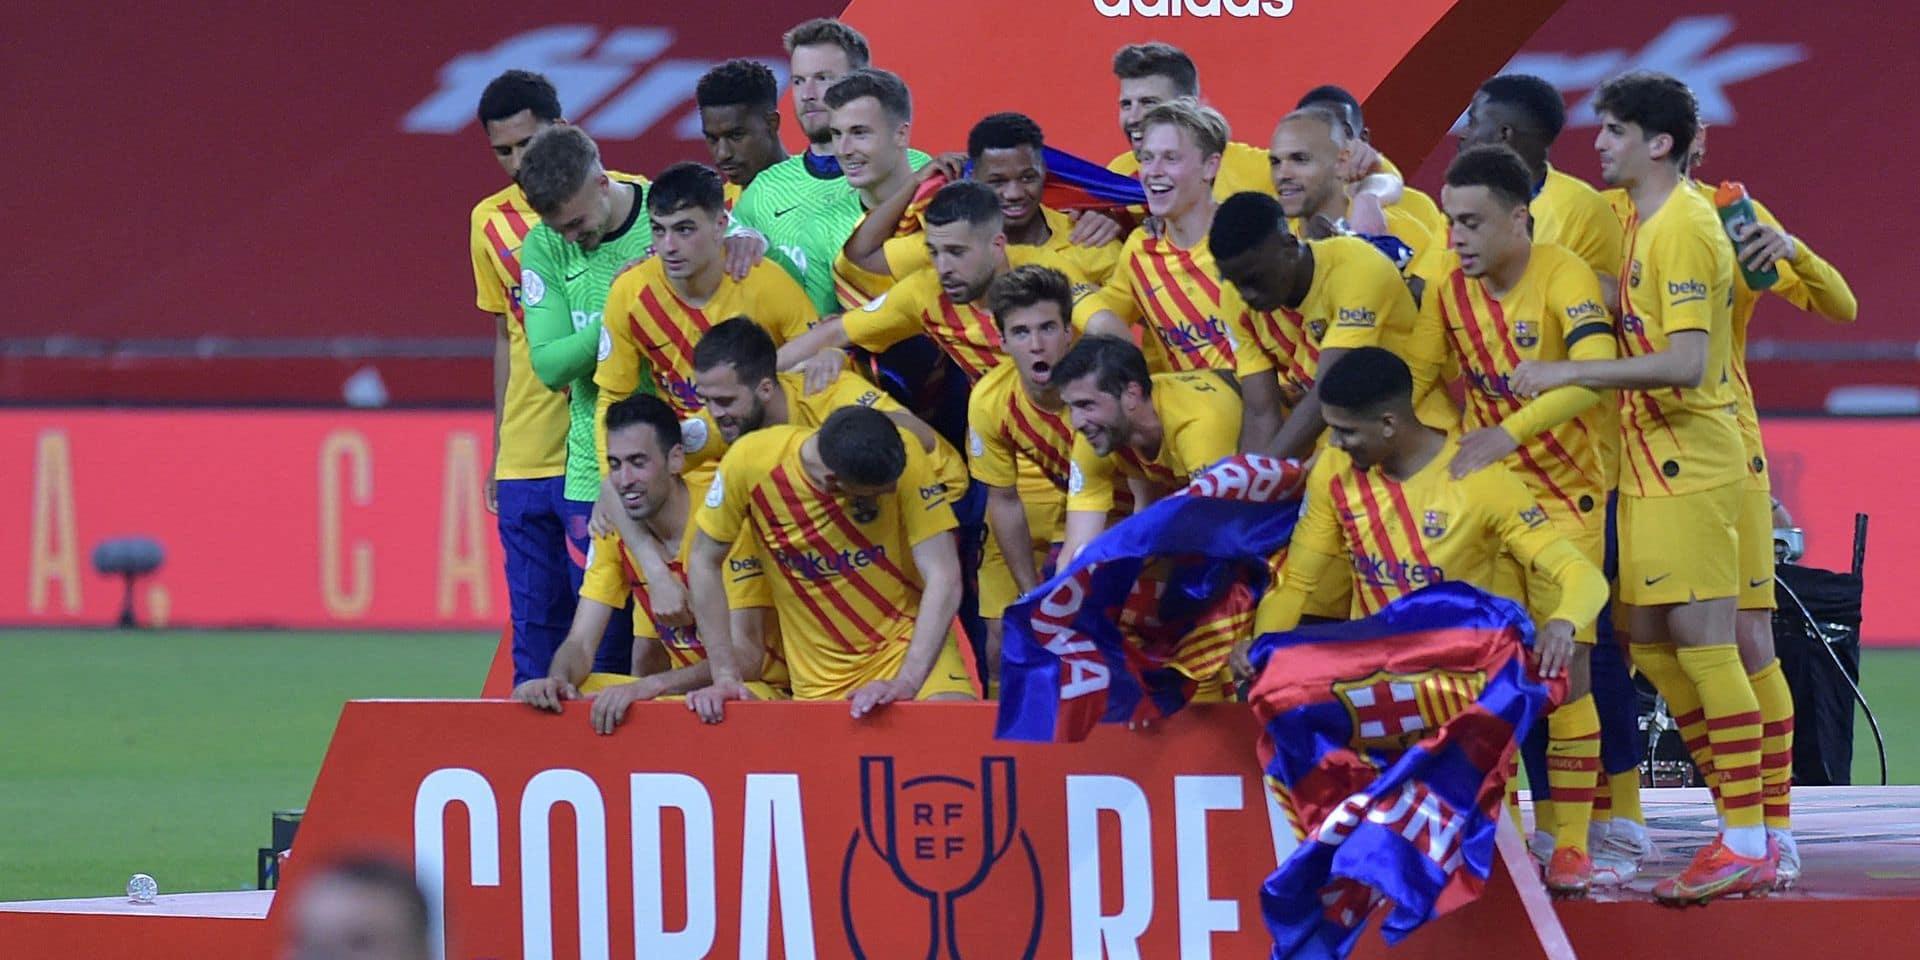 Le FC Barcelone remporte sa 31e Coupe du Roi après son récital 4-0 contre l'Athletic Bilbao